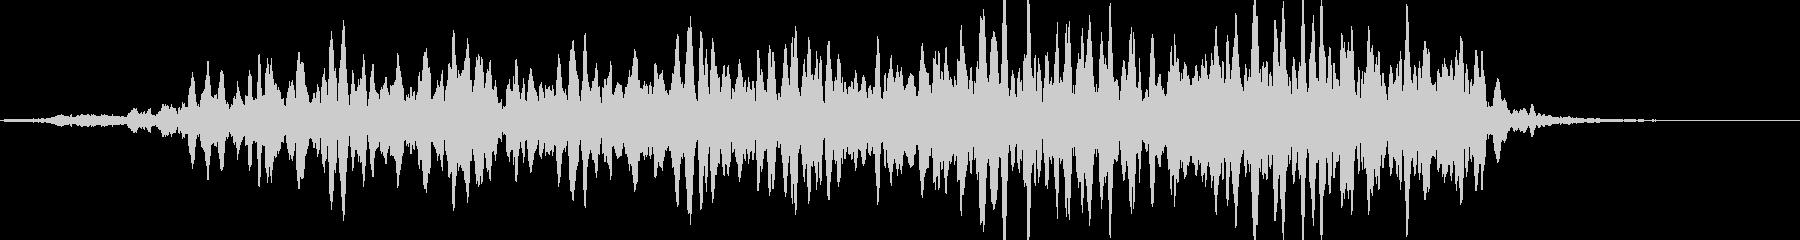 加速イメージモーター音(エレベーター風)の未再生の波形